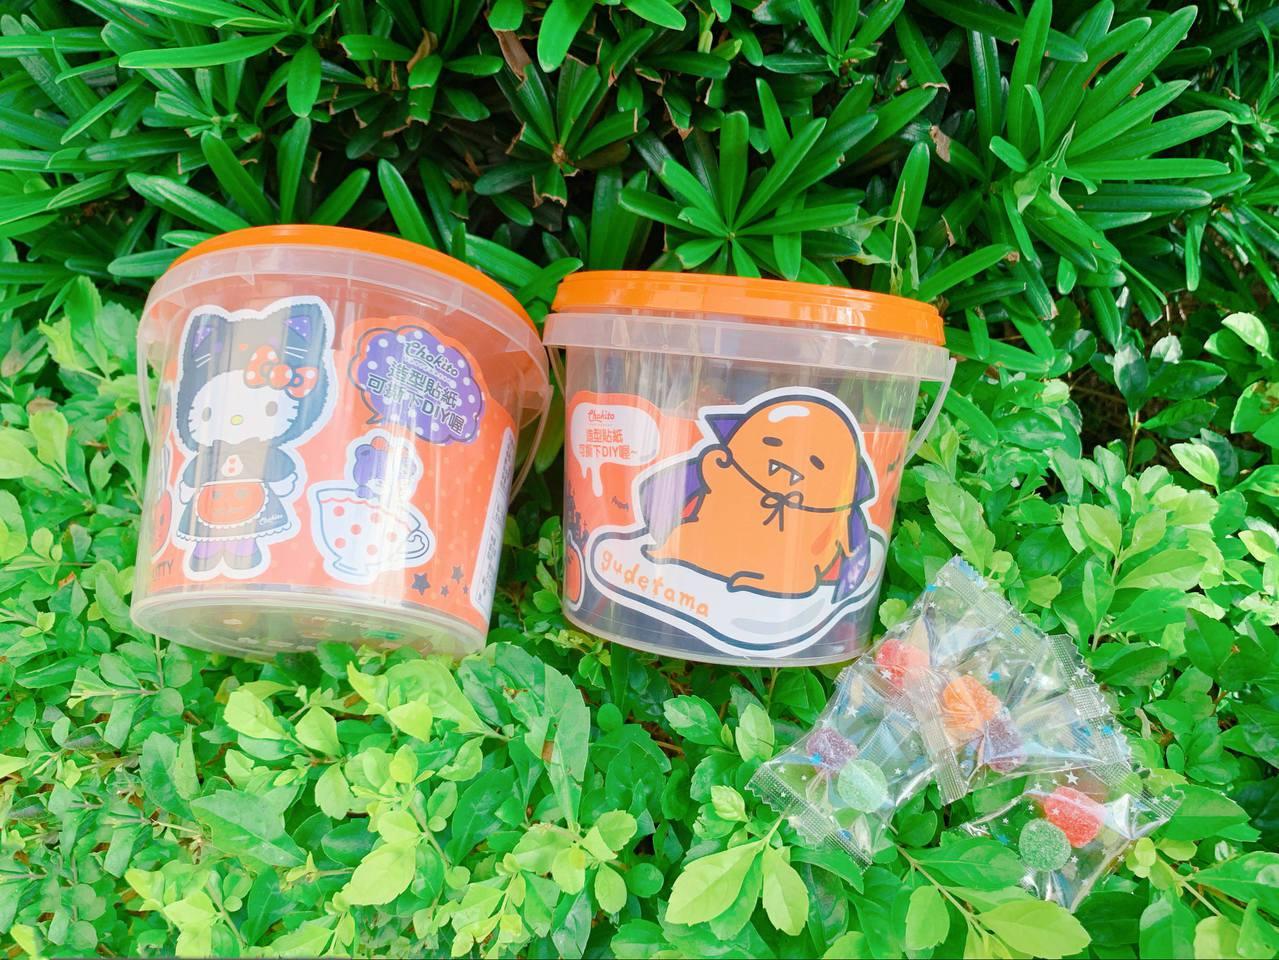 「三麗鷗萬聖節水果軟糖桶」每桶售價99元。記者徐力剛/攝影